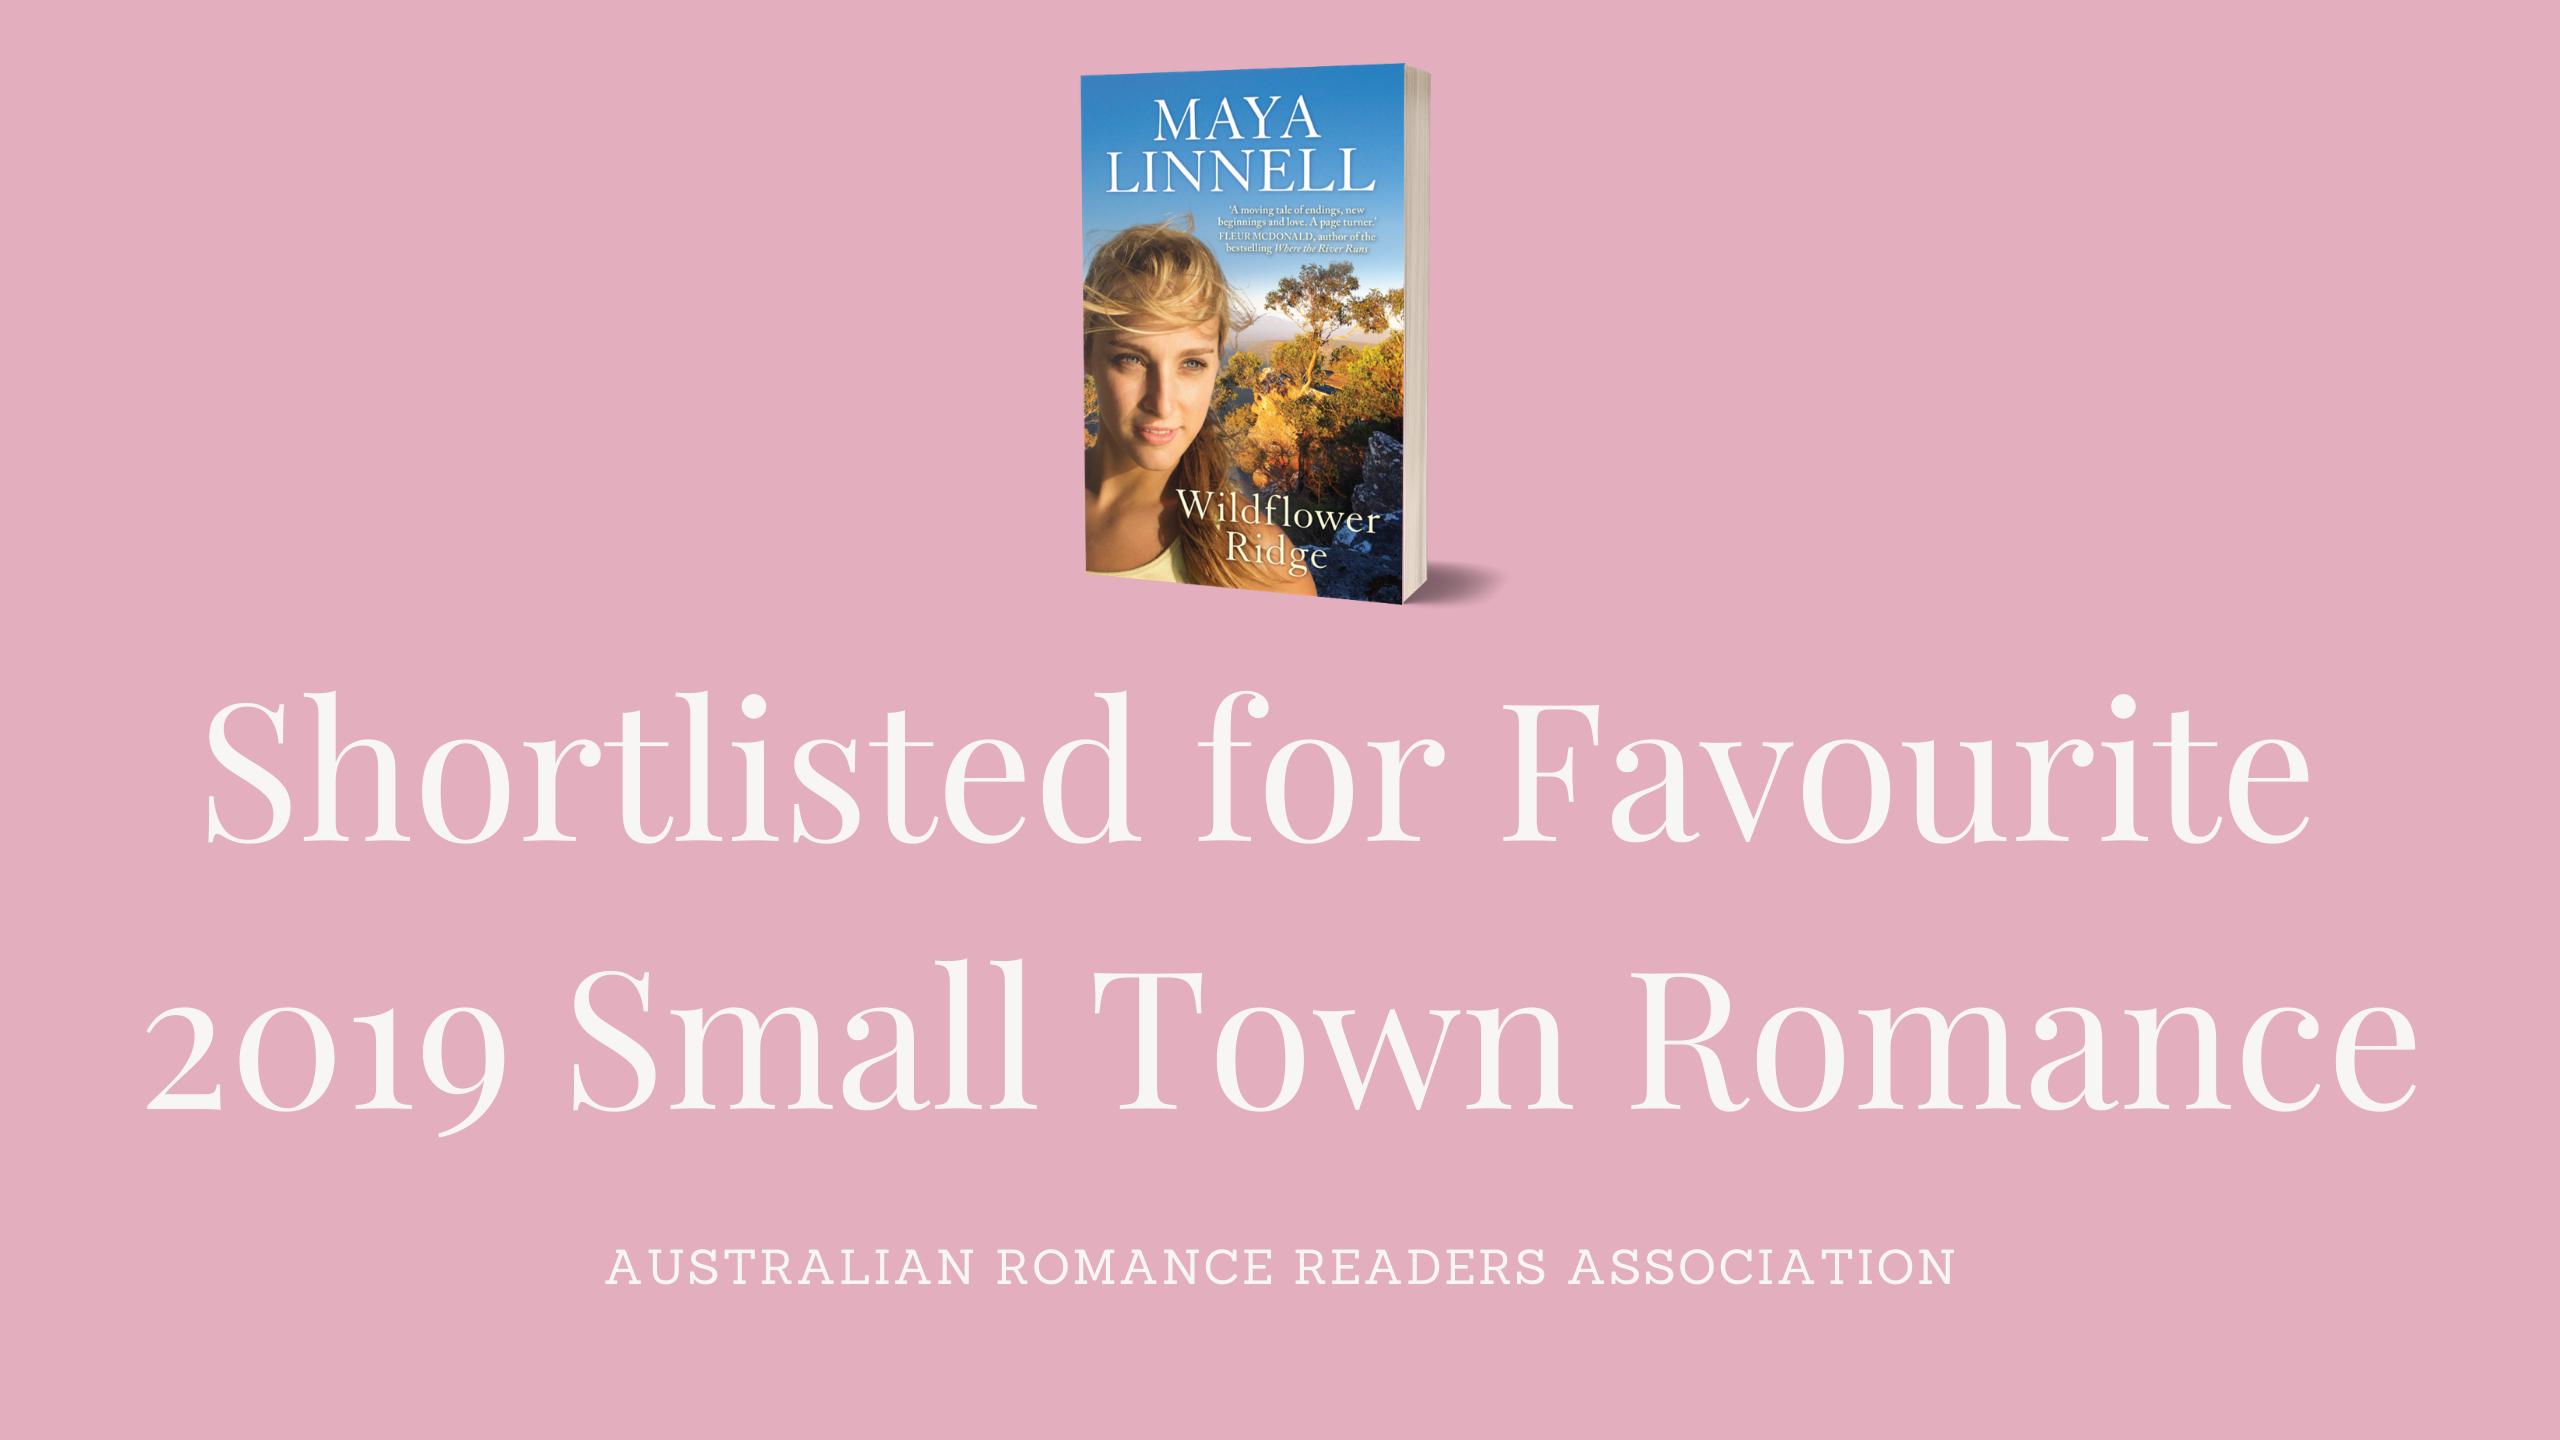 Sunday Age #3 bestselling romance novel